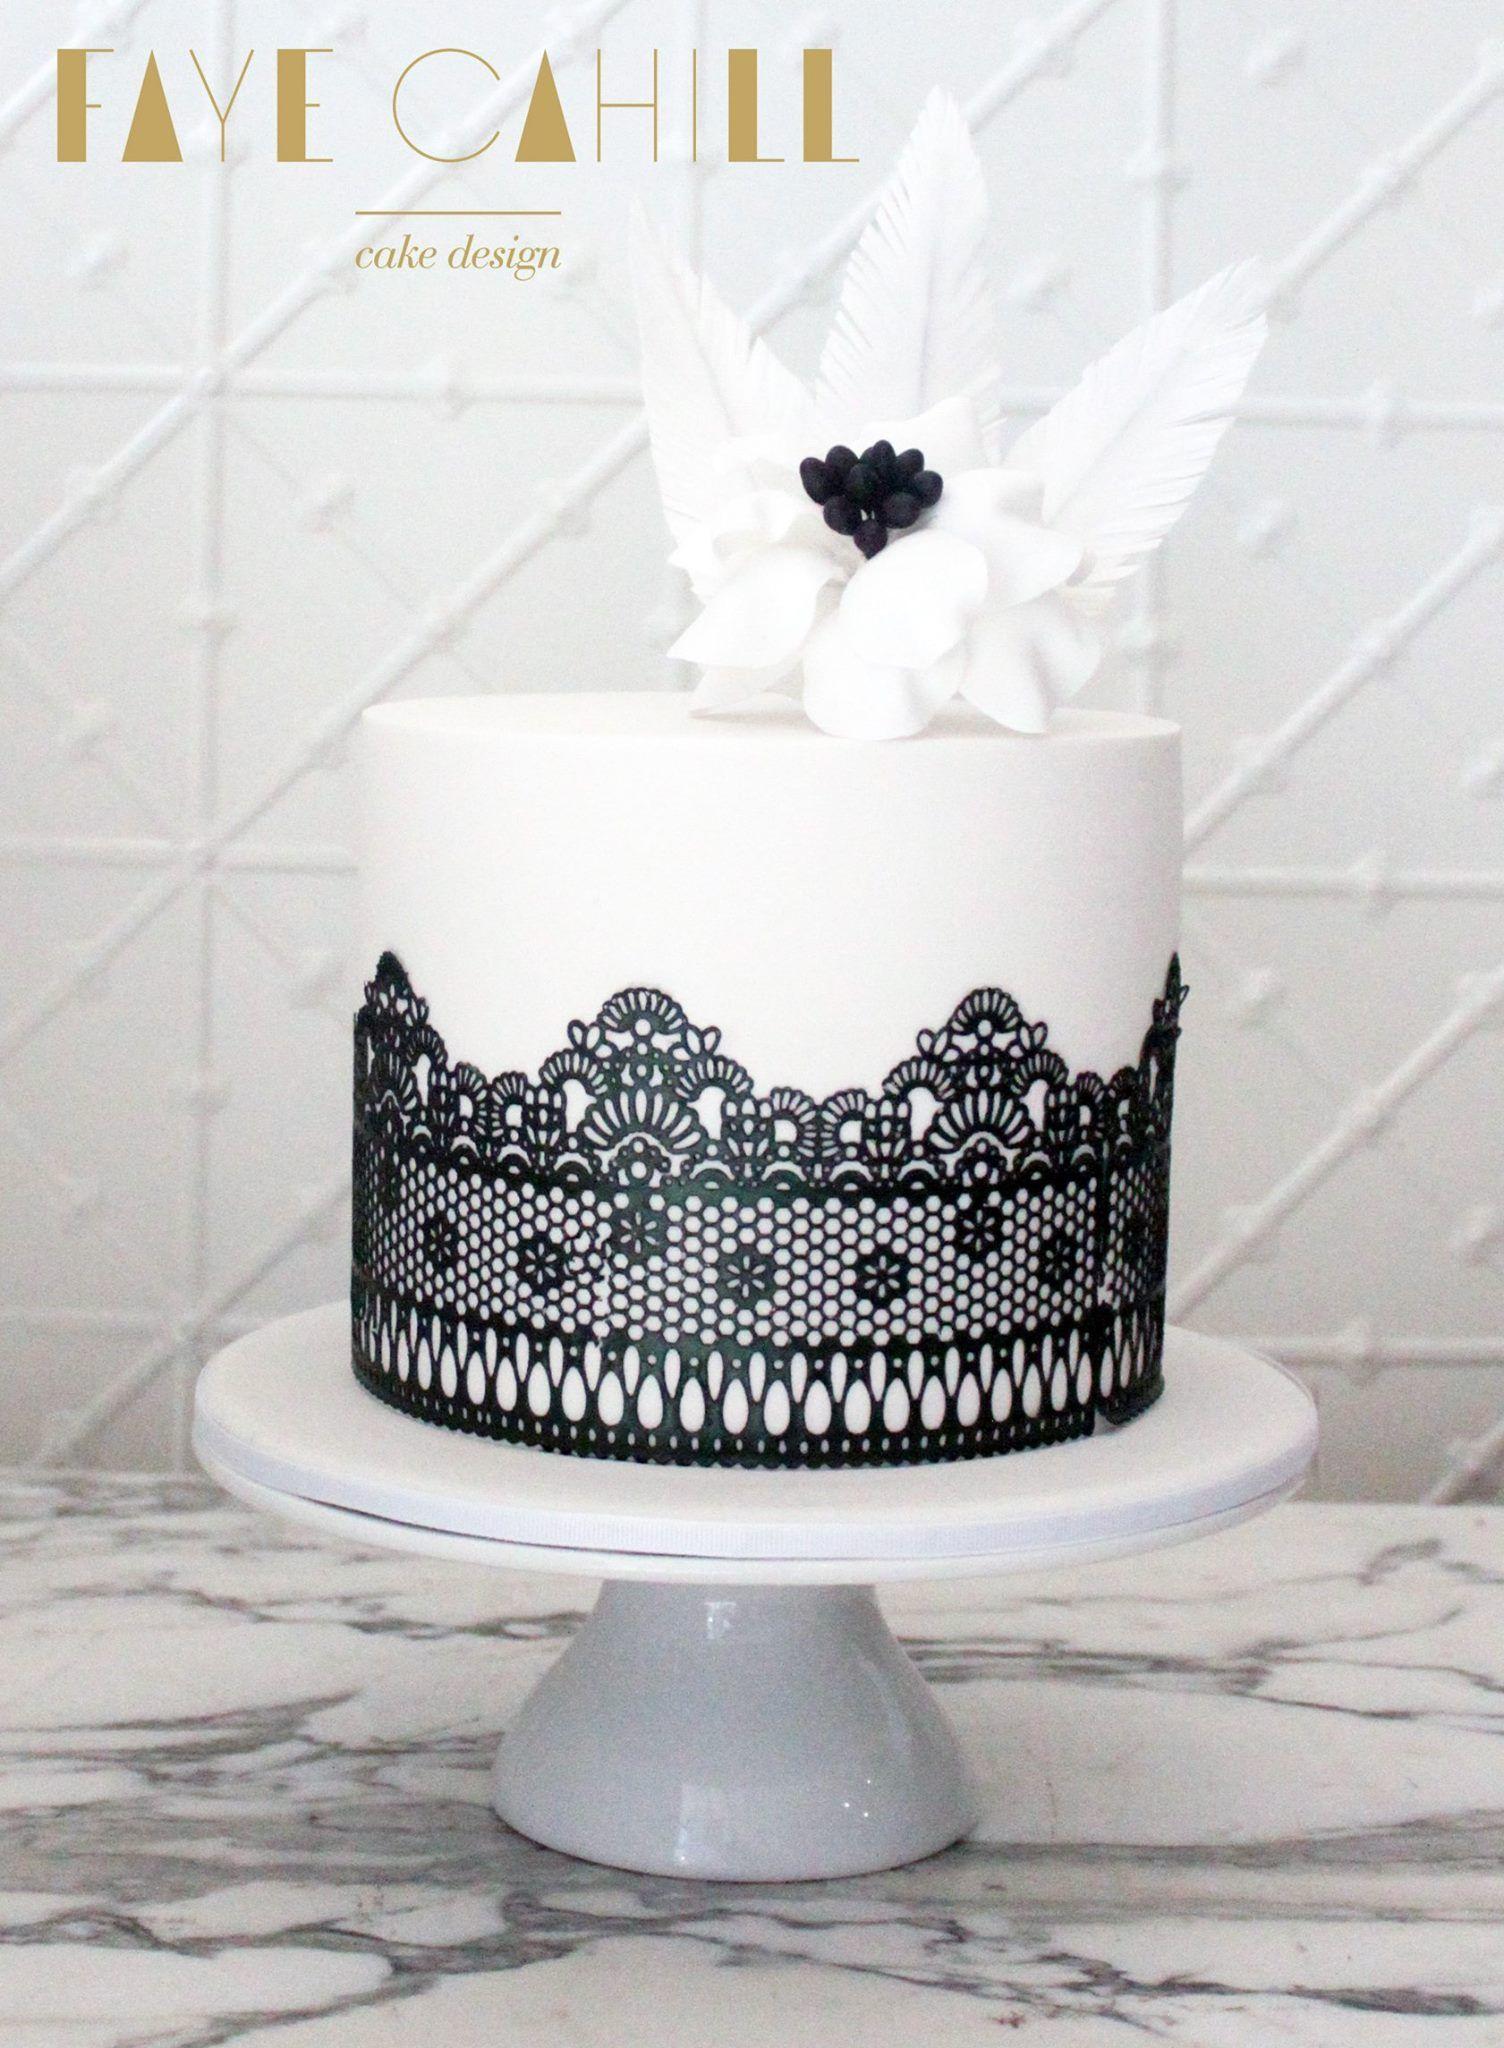 Faye Cahill Cake Design | Cake - Black & White | Pinterest | Cake ...